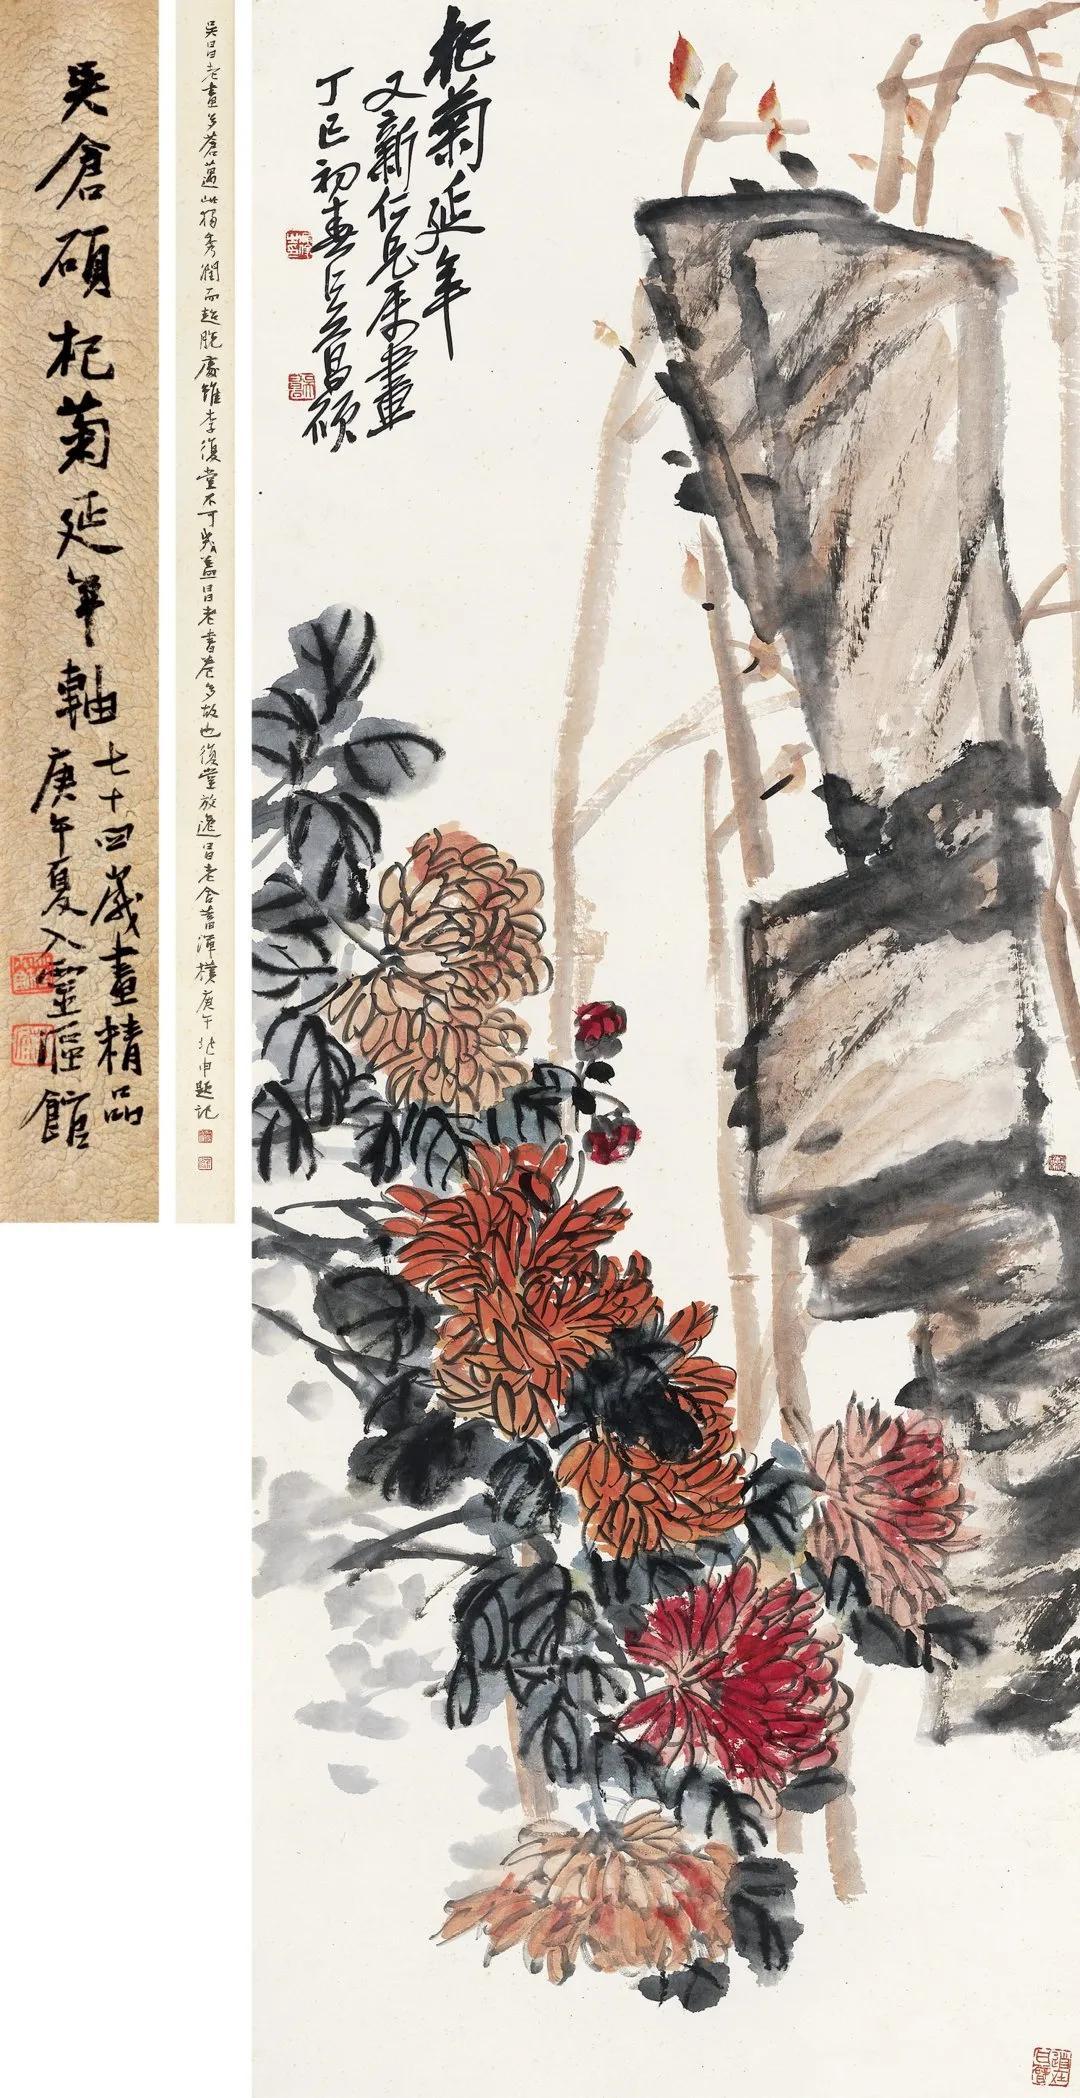 20秋拍:中国书画·近现代专场精品赏析(二)